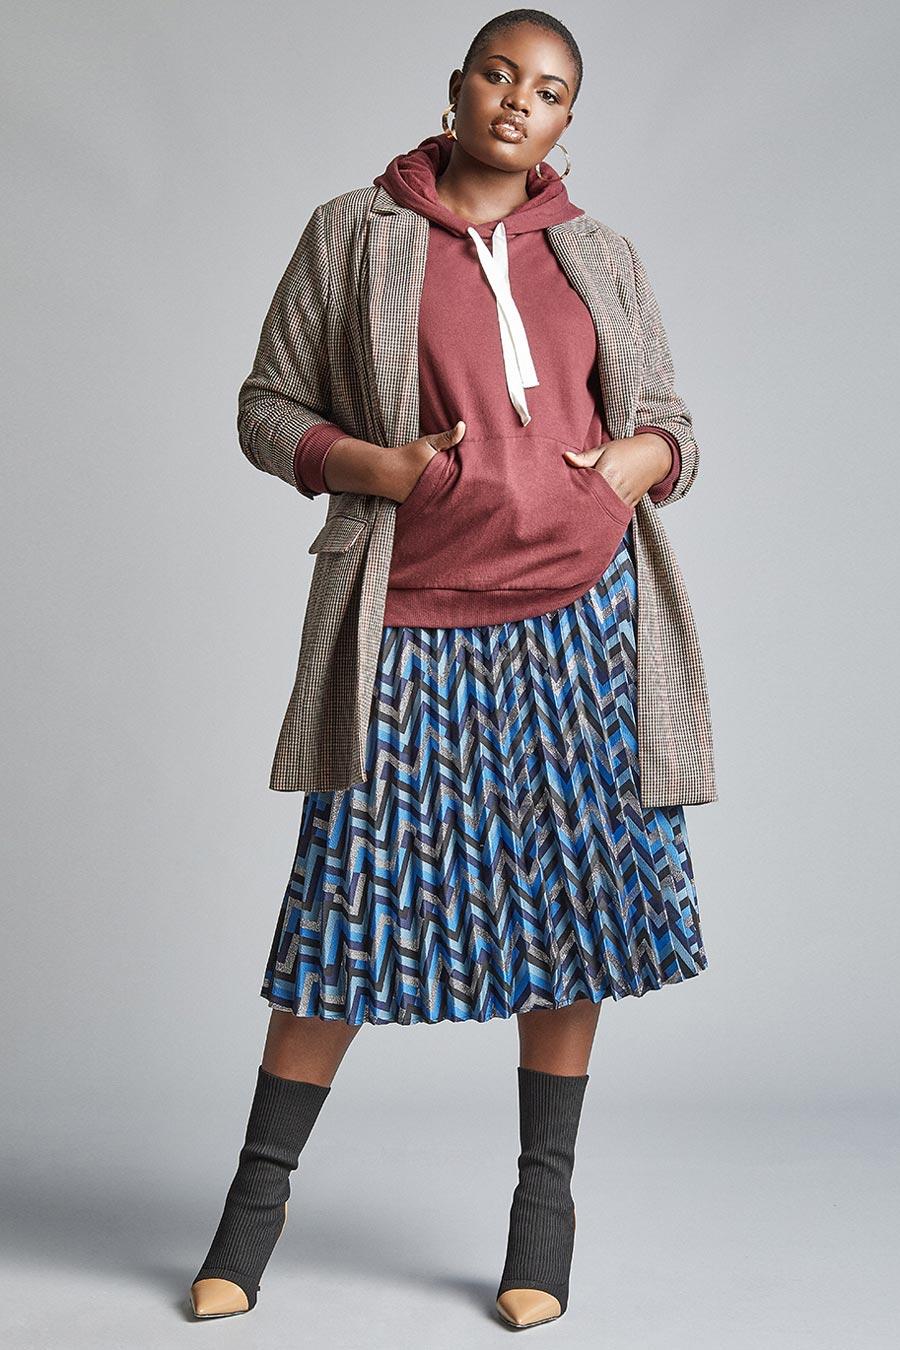 Eloquii Chevron Print Midi Skirt